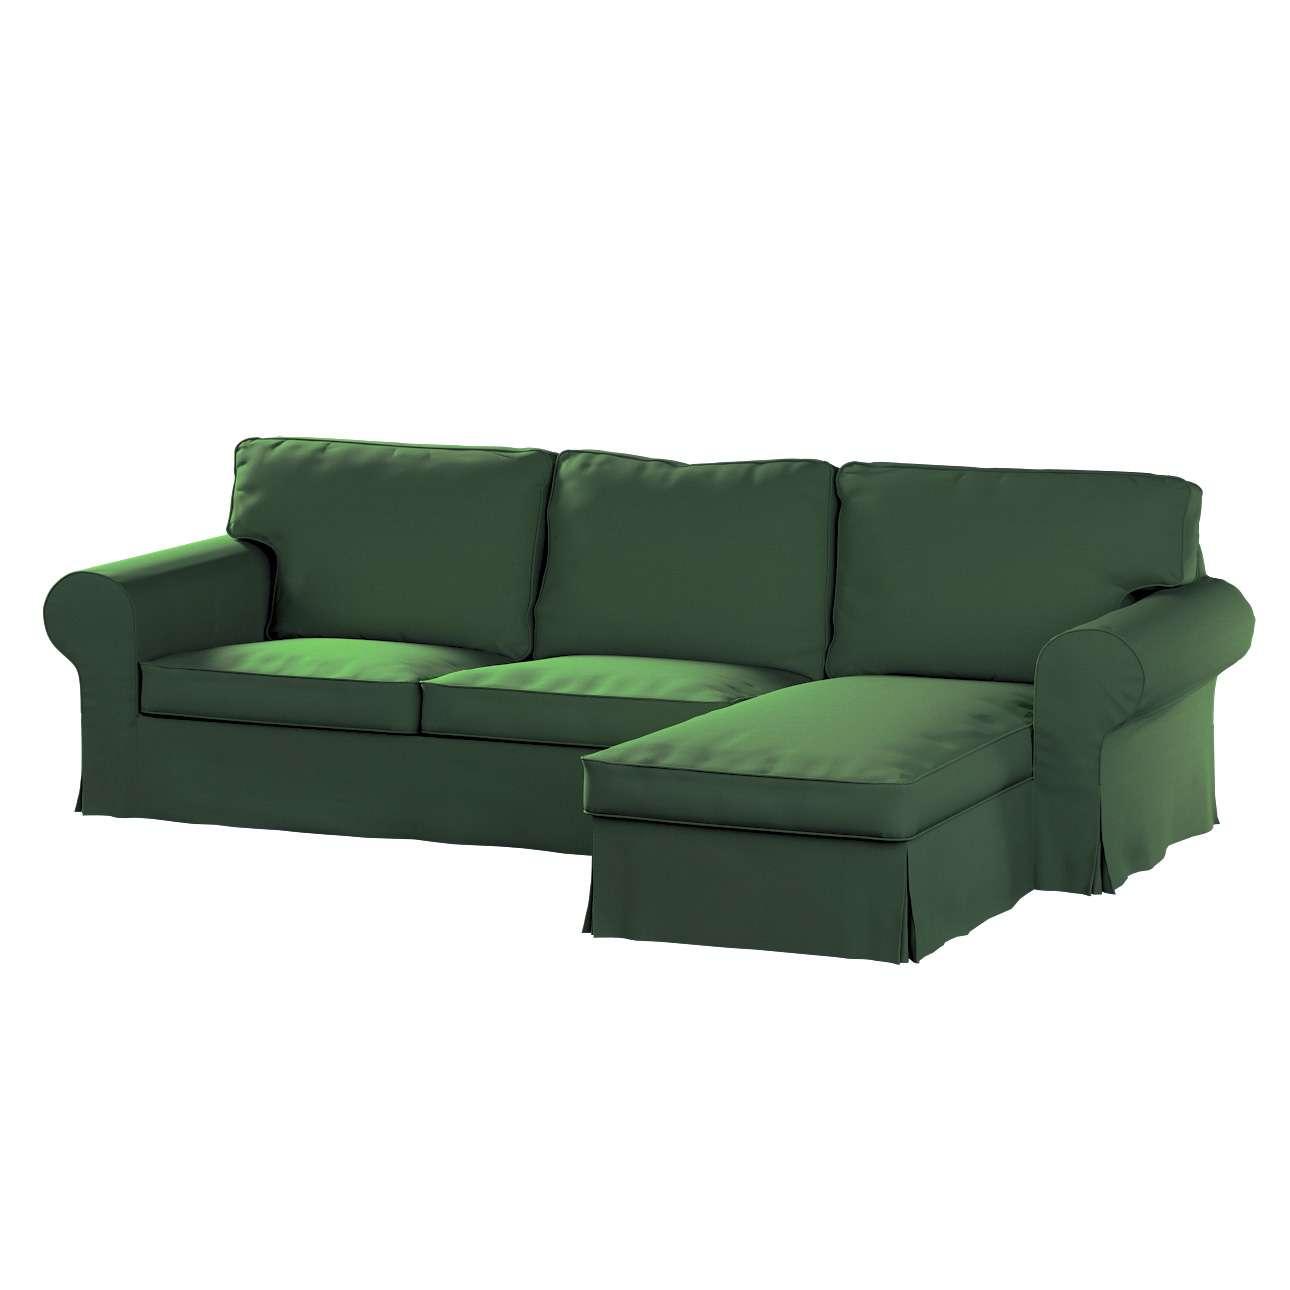 Ektorp dvivietės sofos su gulimuoju krėslu užvalkalas Ikea Ektorp dvivietės sofos su gulimuoju krėslu užvalkalas kolekcijoje Cotton Panama, audinys: 702-06